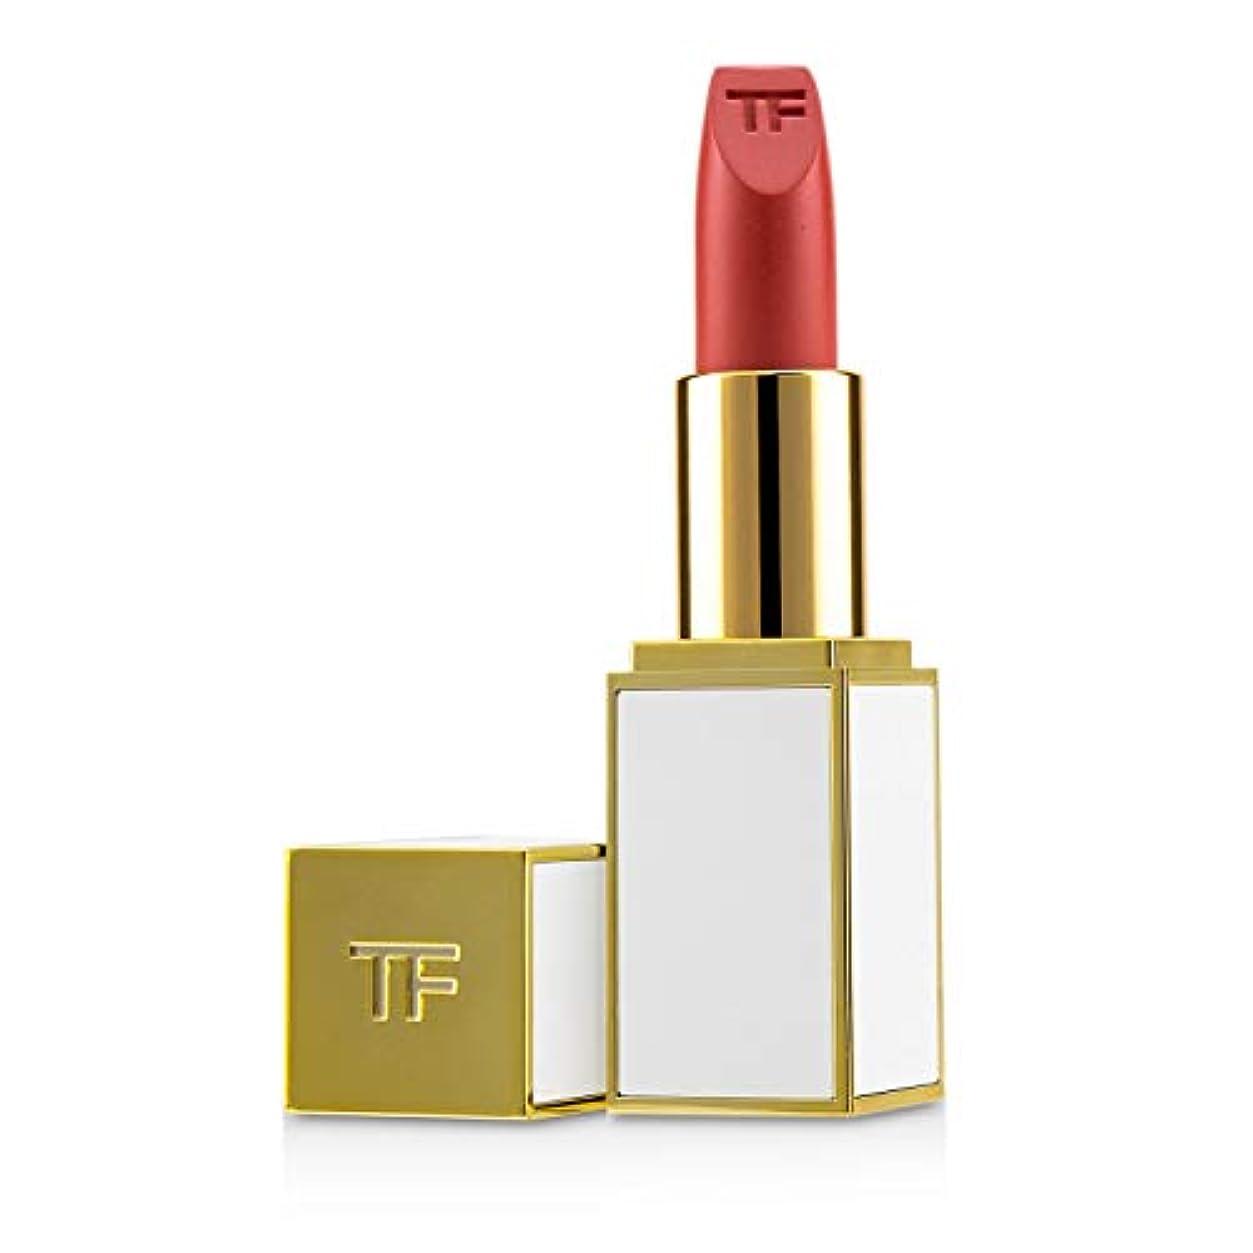 実現可能性菊倍率トム フォード Lip Color Sheer - # 16 Pieno Sole 3g/0.1oz並行輸入品